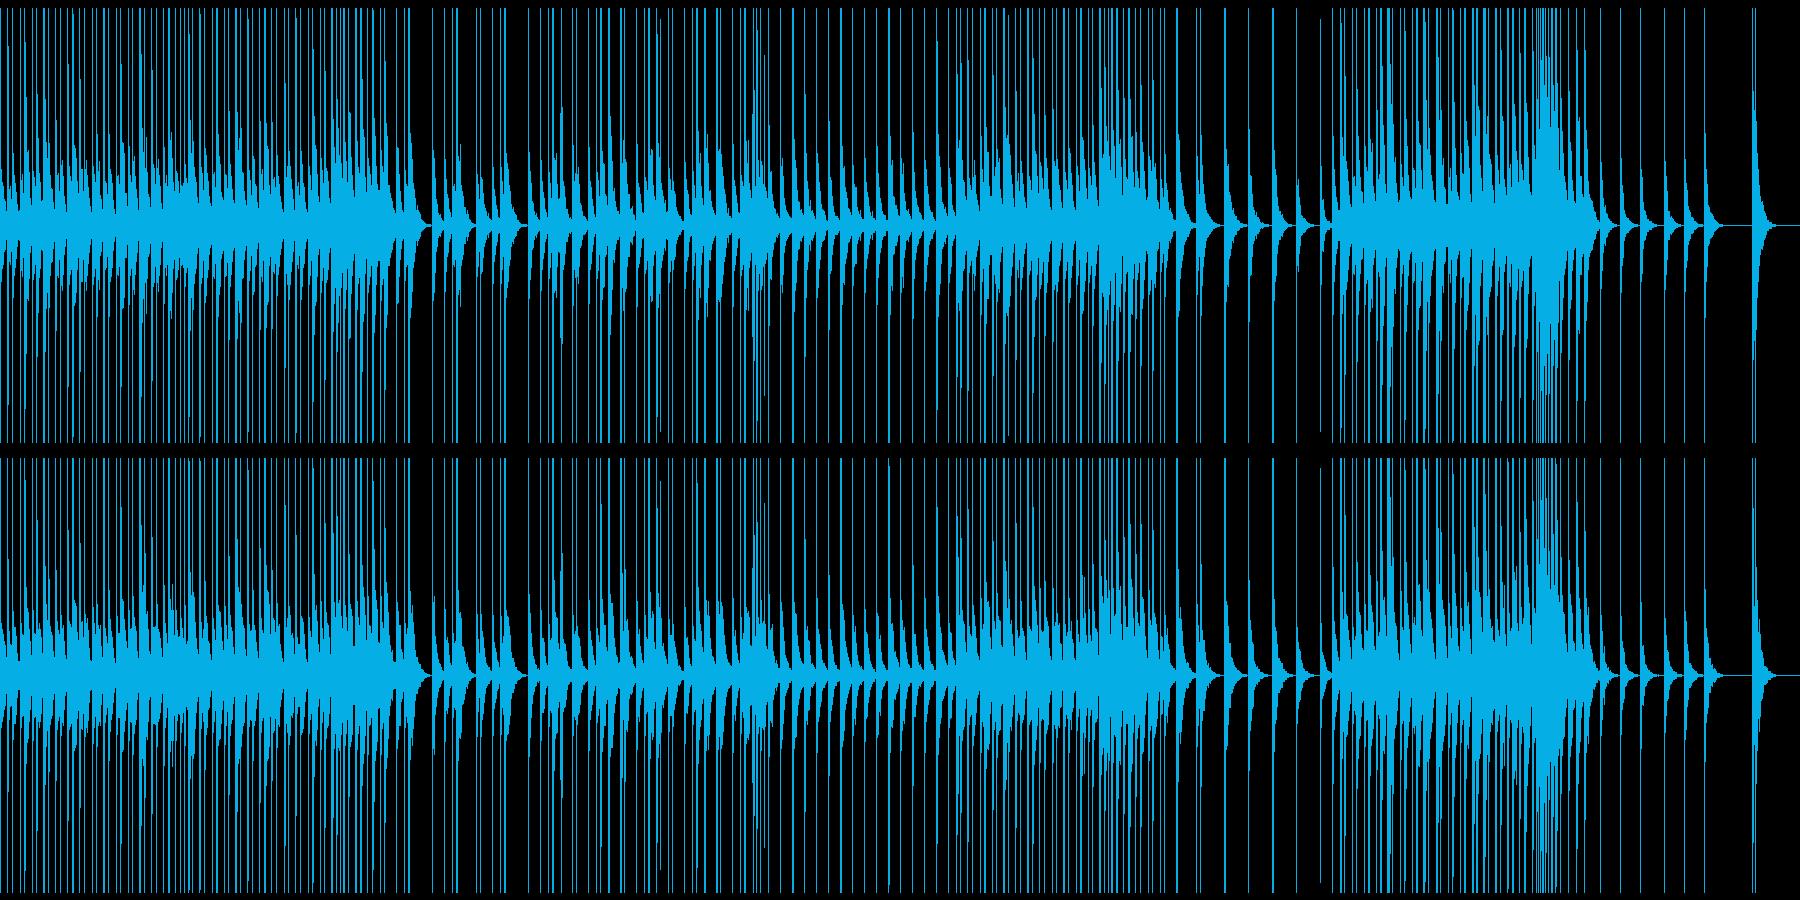 ウッドパーカッションによるリズムのいい曲の再生済みの波形